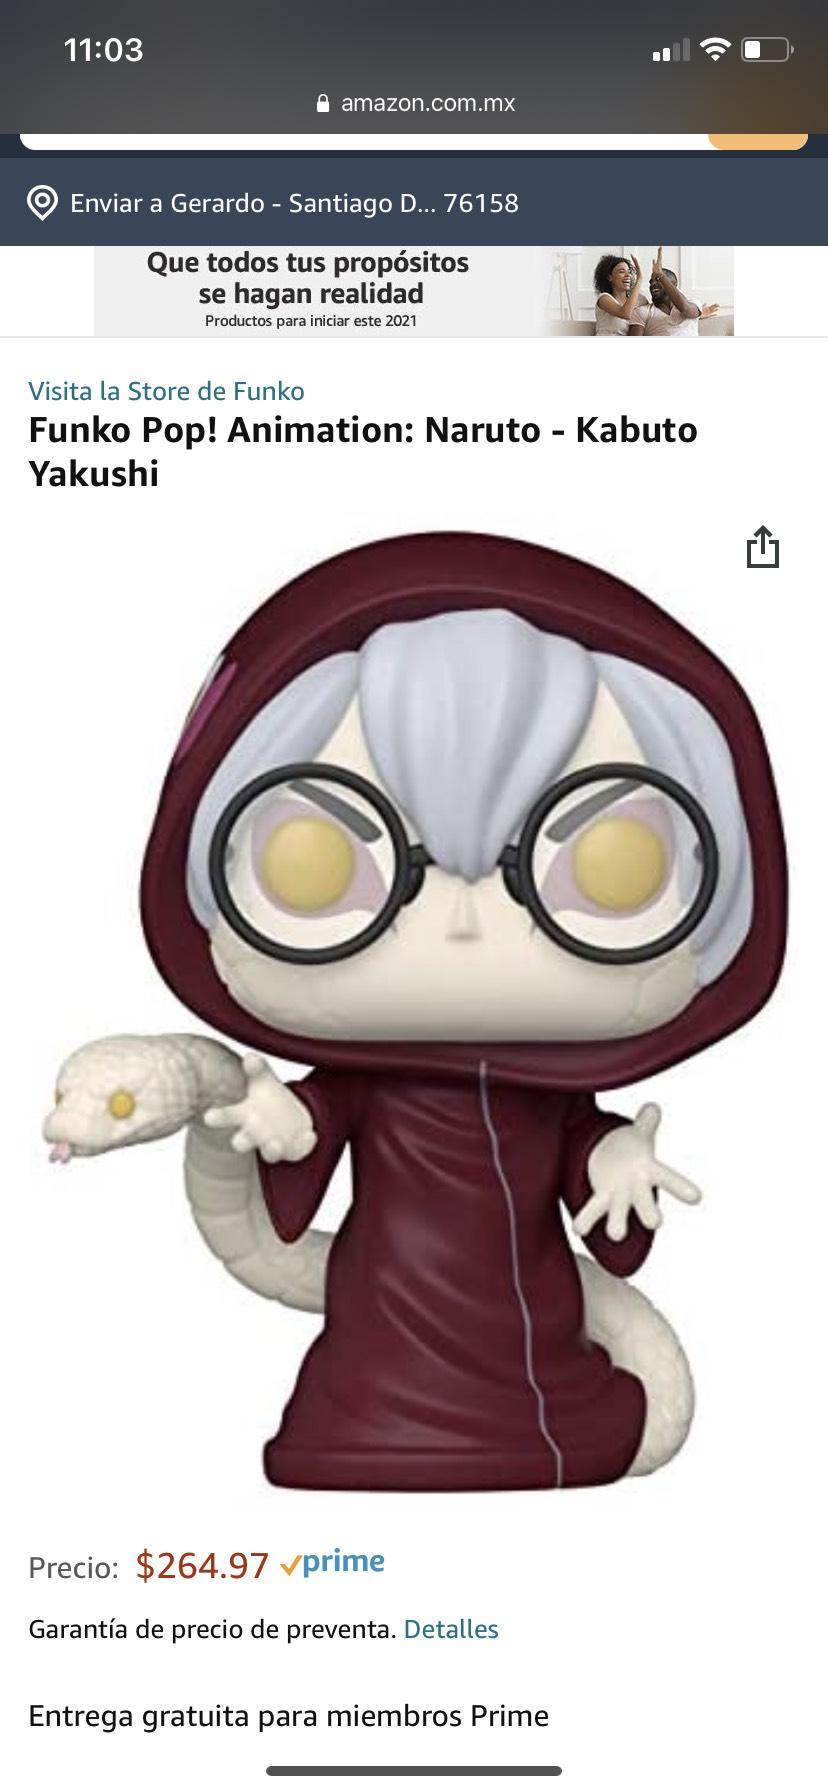 Amazon: Funko Pop! Animation: Naruto - Kabuto Yakushi